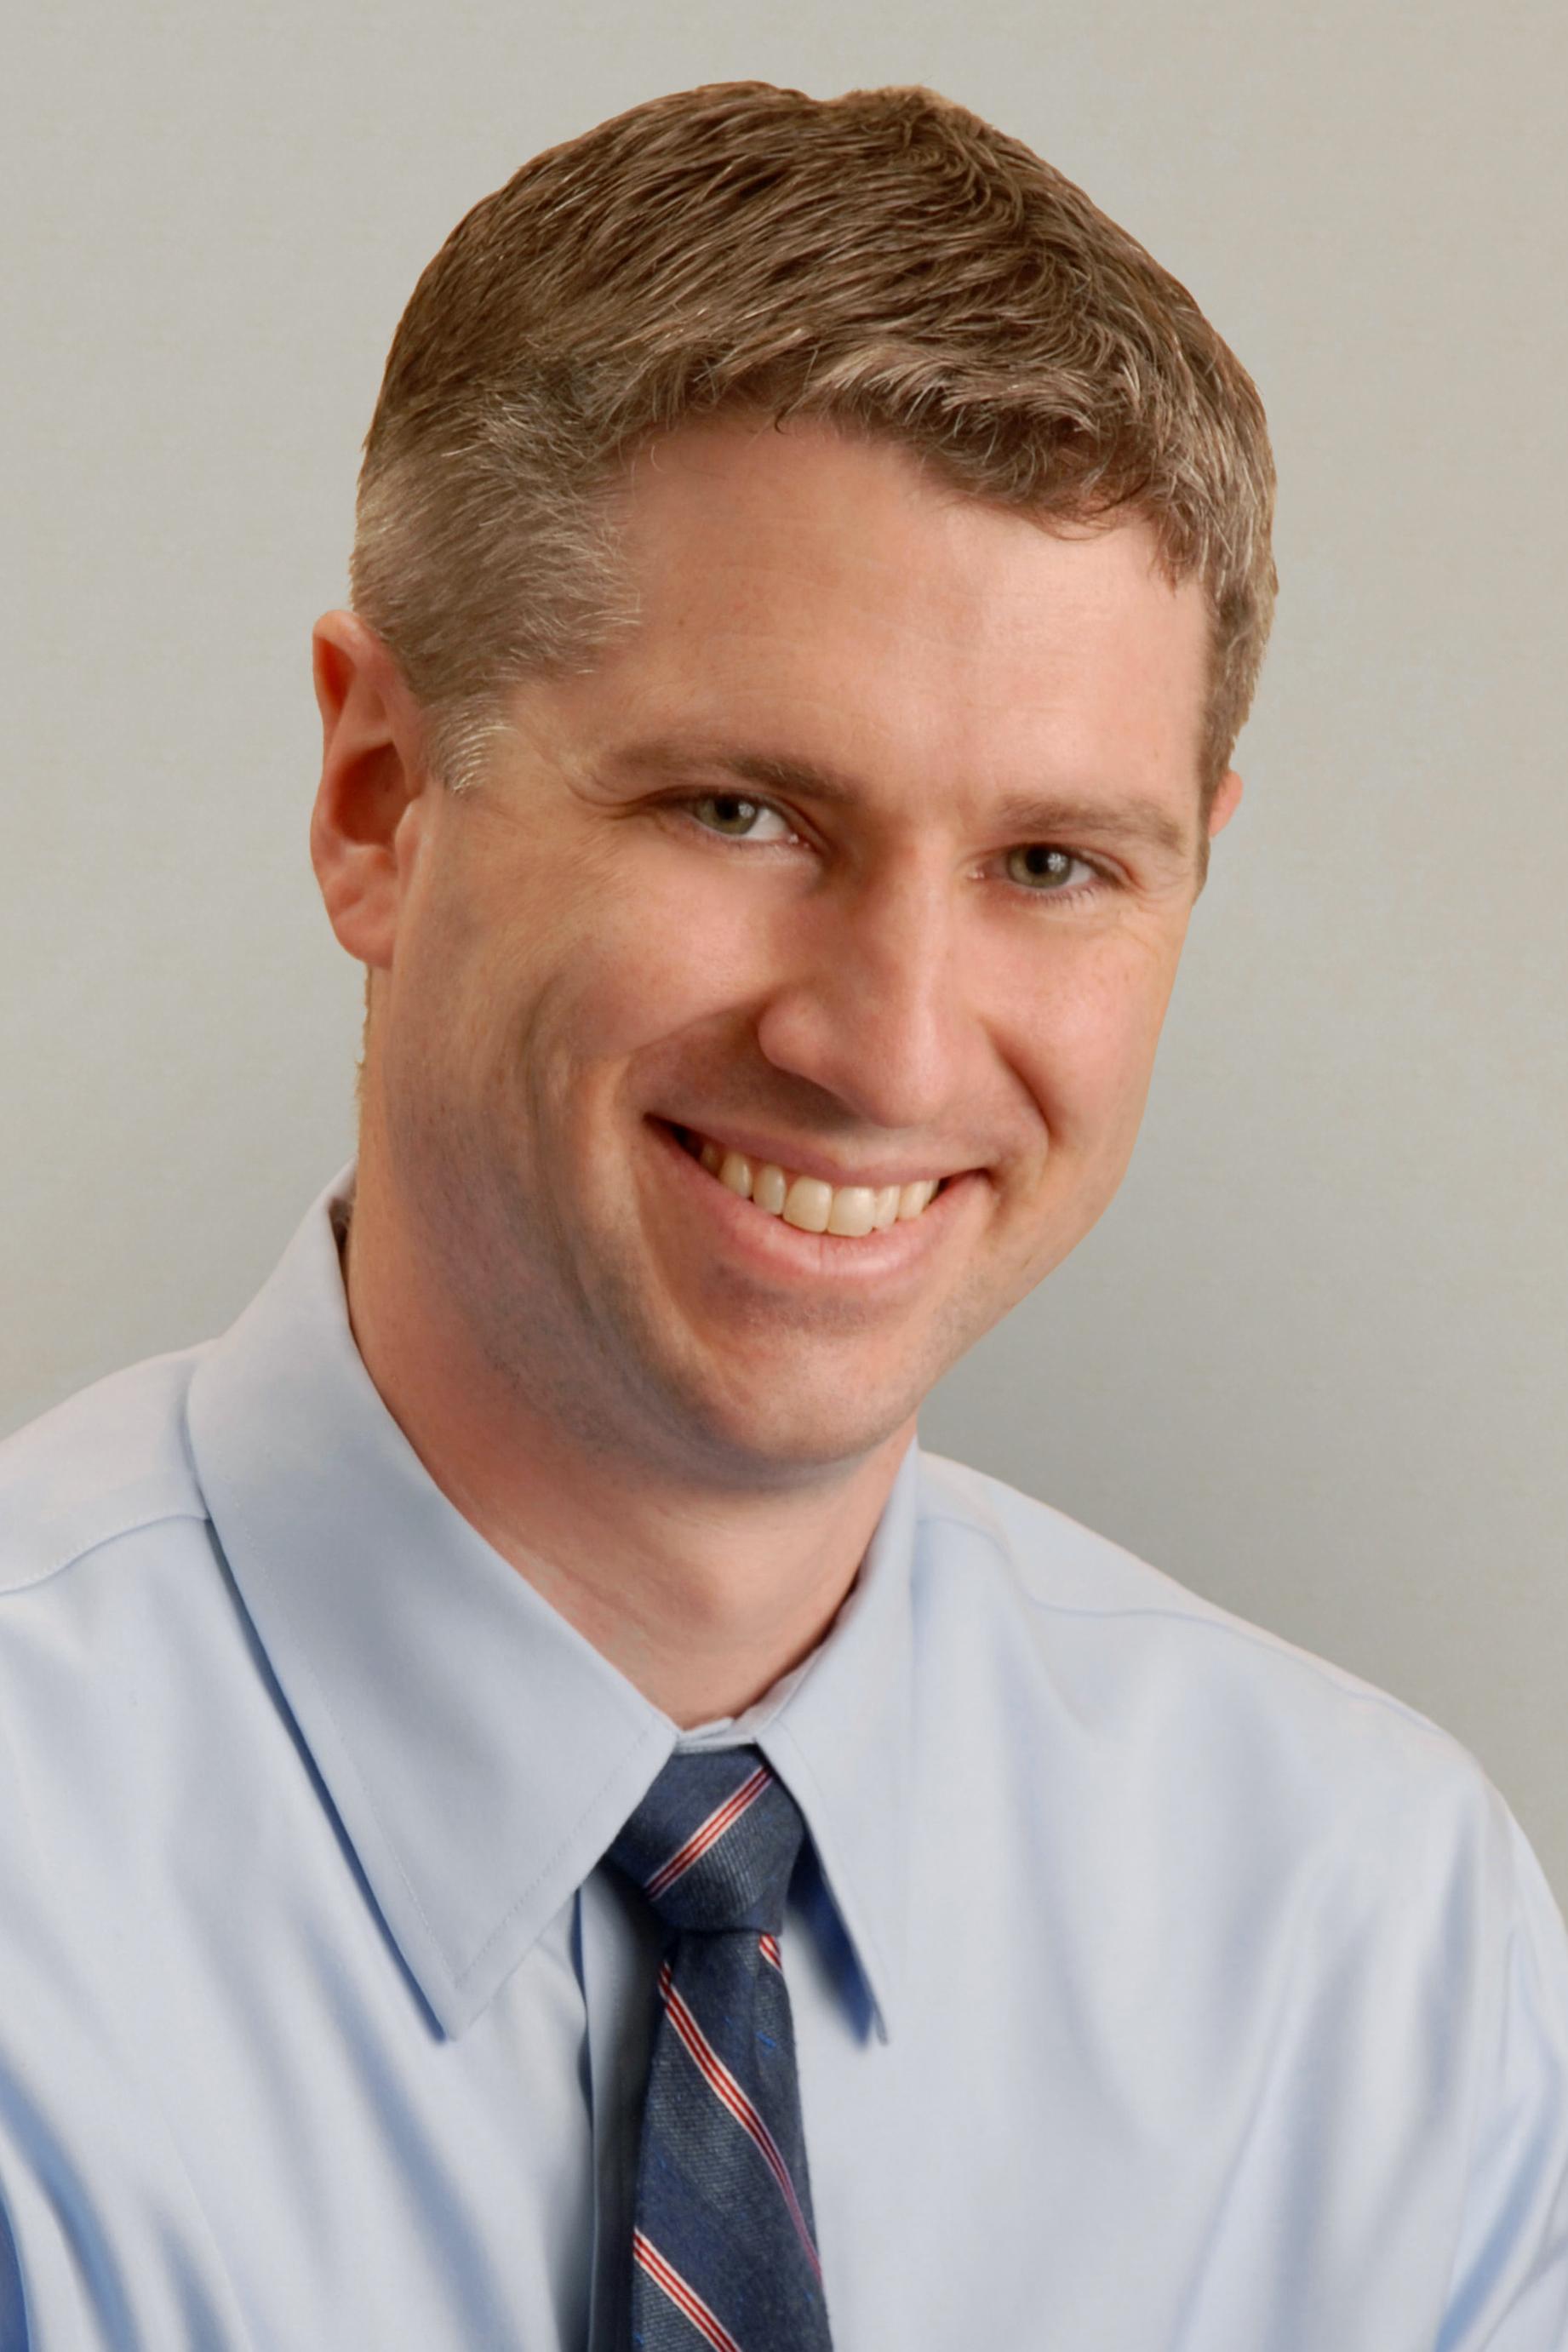 Dr. Sean Caufield - Physicians